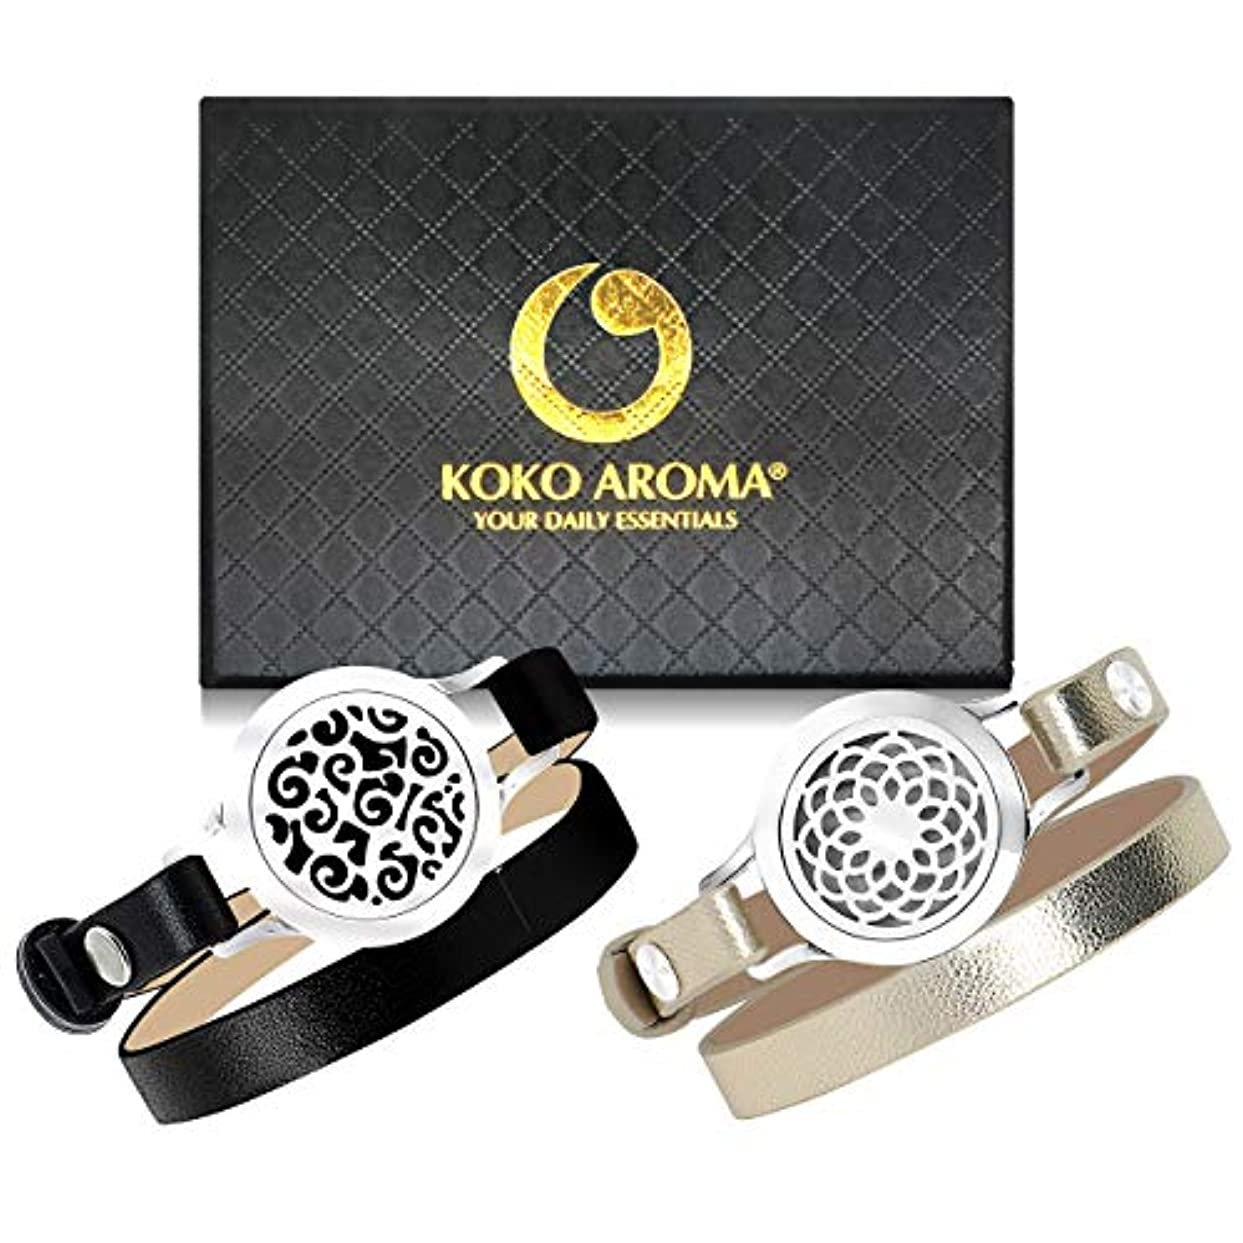 ワーカーペースト後ろ、背後、背面(部KOKO AROMA Essential Oil Diffuser Bracelets 2pcs: Stainless Steel Aromatherapy Bangle or Leather Jewelry Woman...